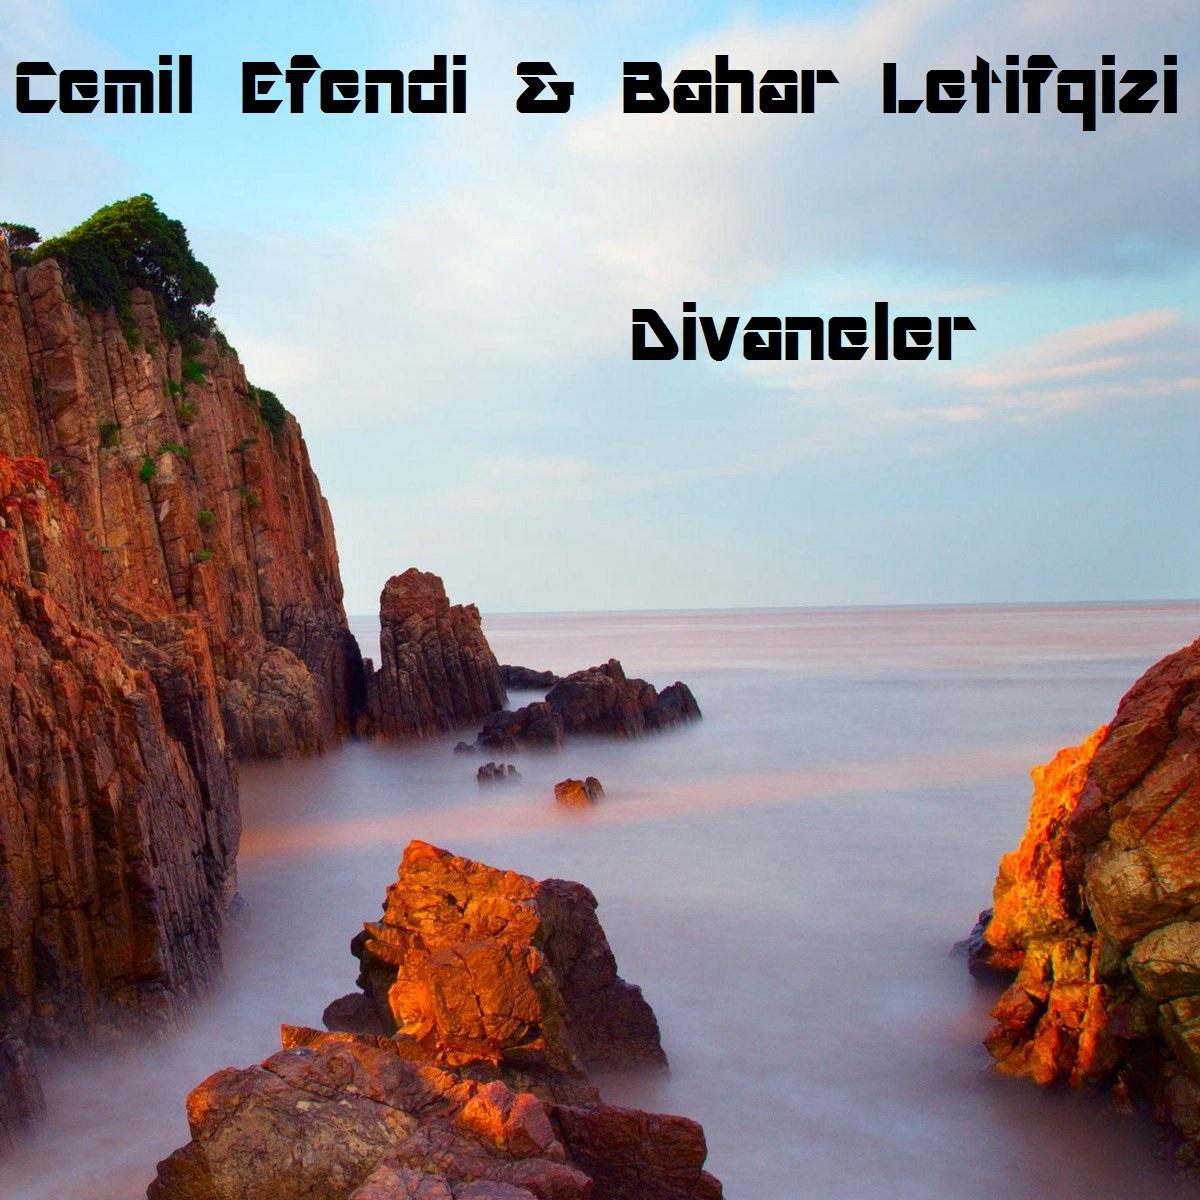 http://s8.picofile.com/file/8364273300/z5.jpg